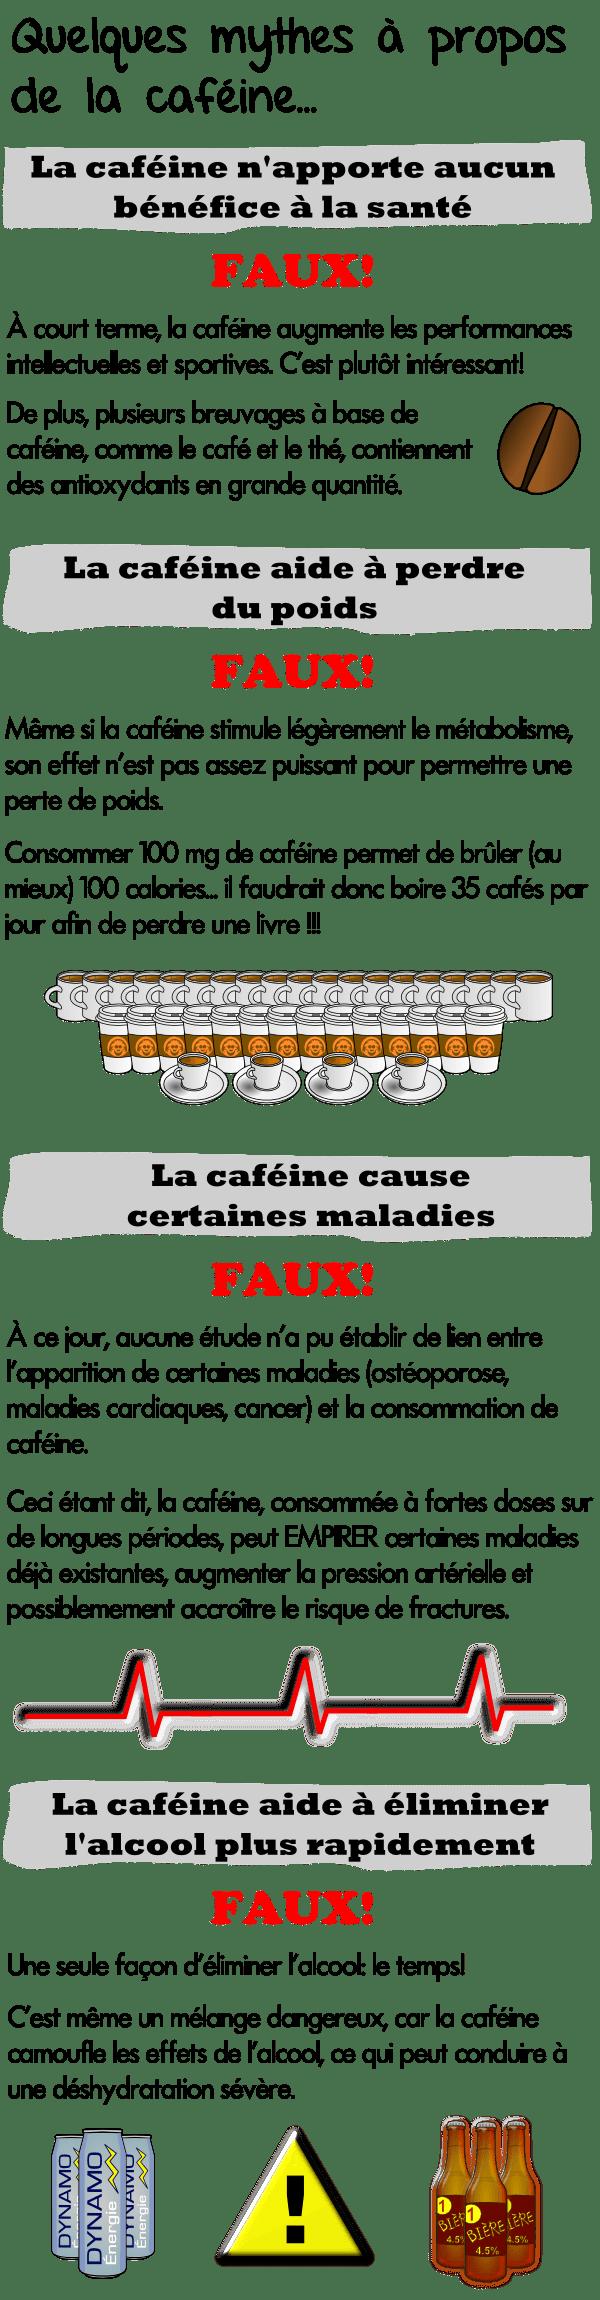 la caféine ne vous aide-t-elle pas à perdre du poids